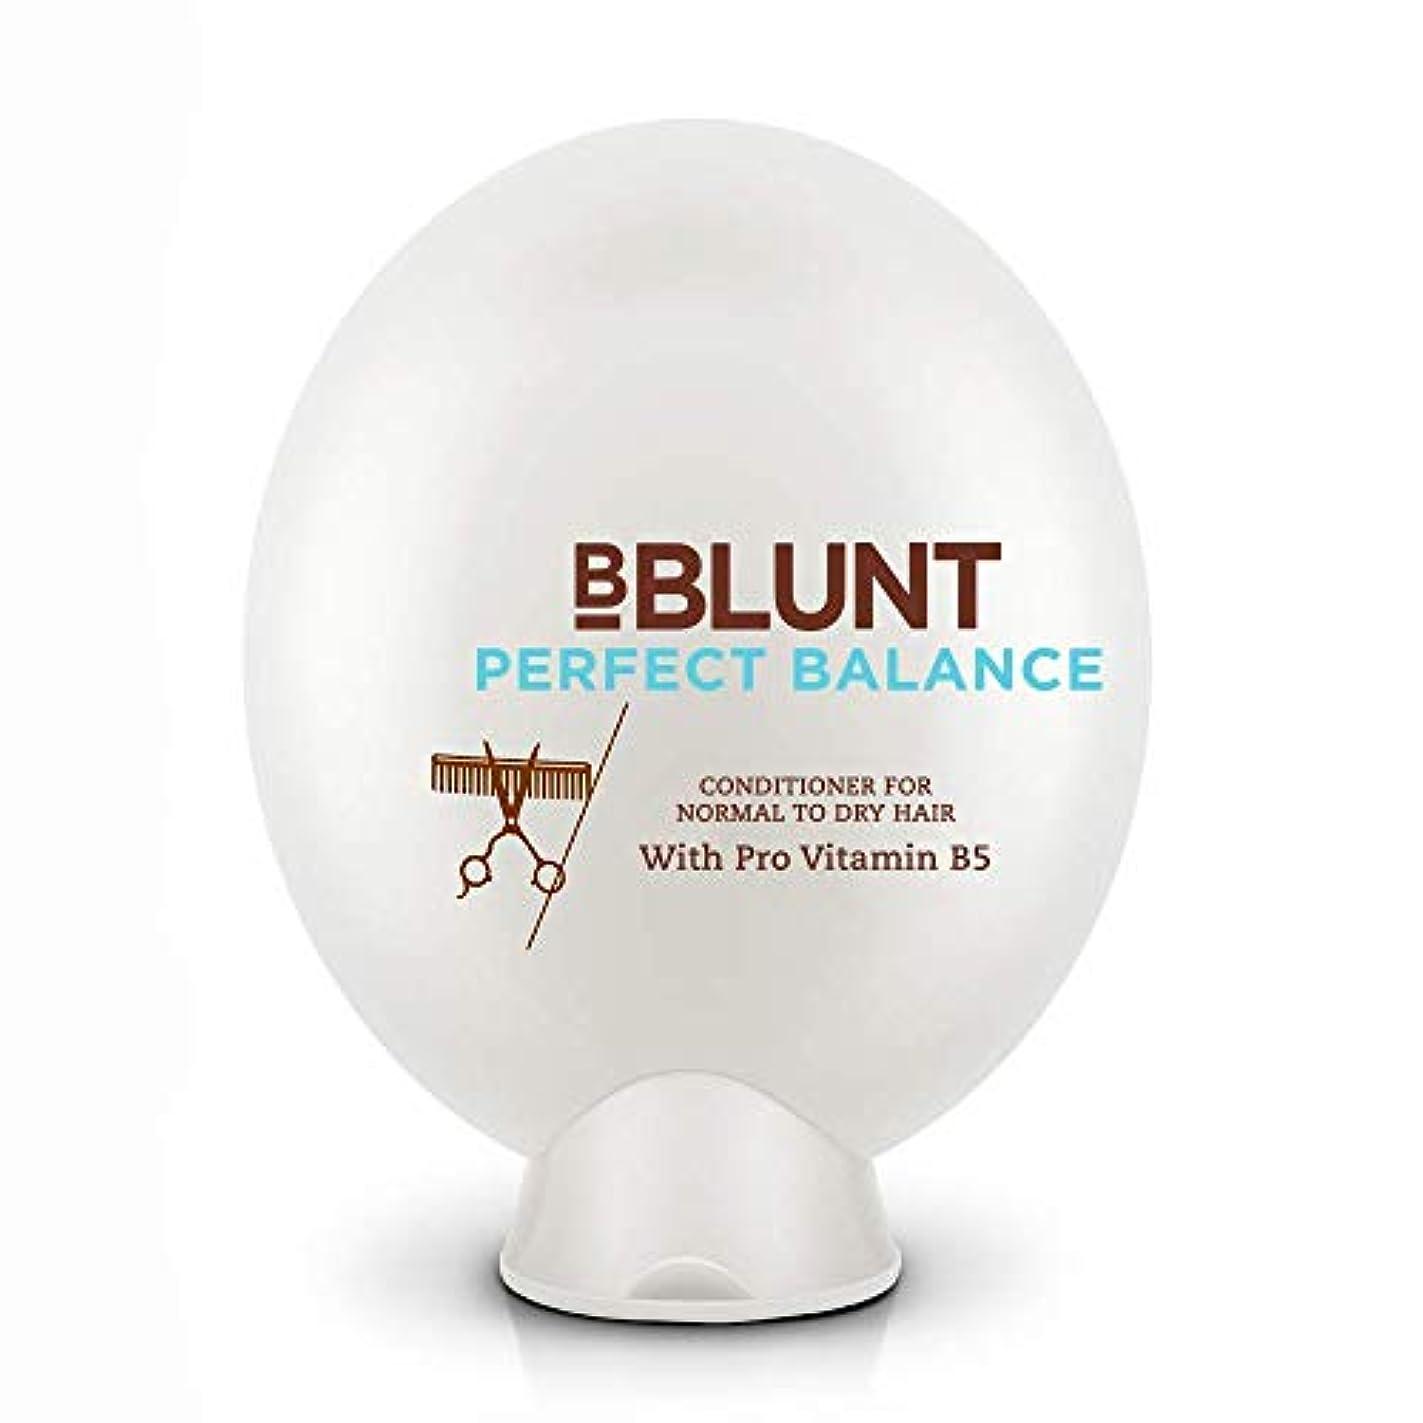 裁量湾に同意するBBLUNT Perfect Balance Conditioner for Normal To Dry Hair, 200g (Provitamin B5)